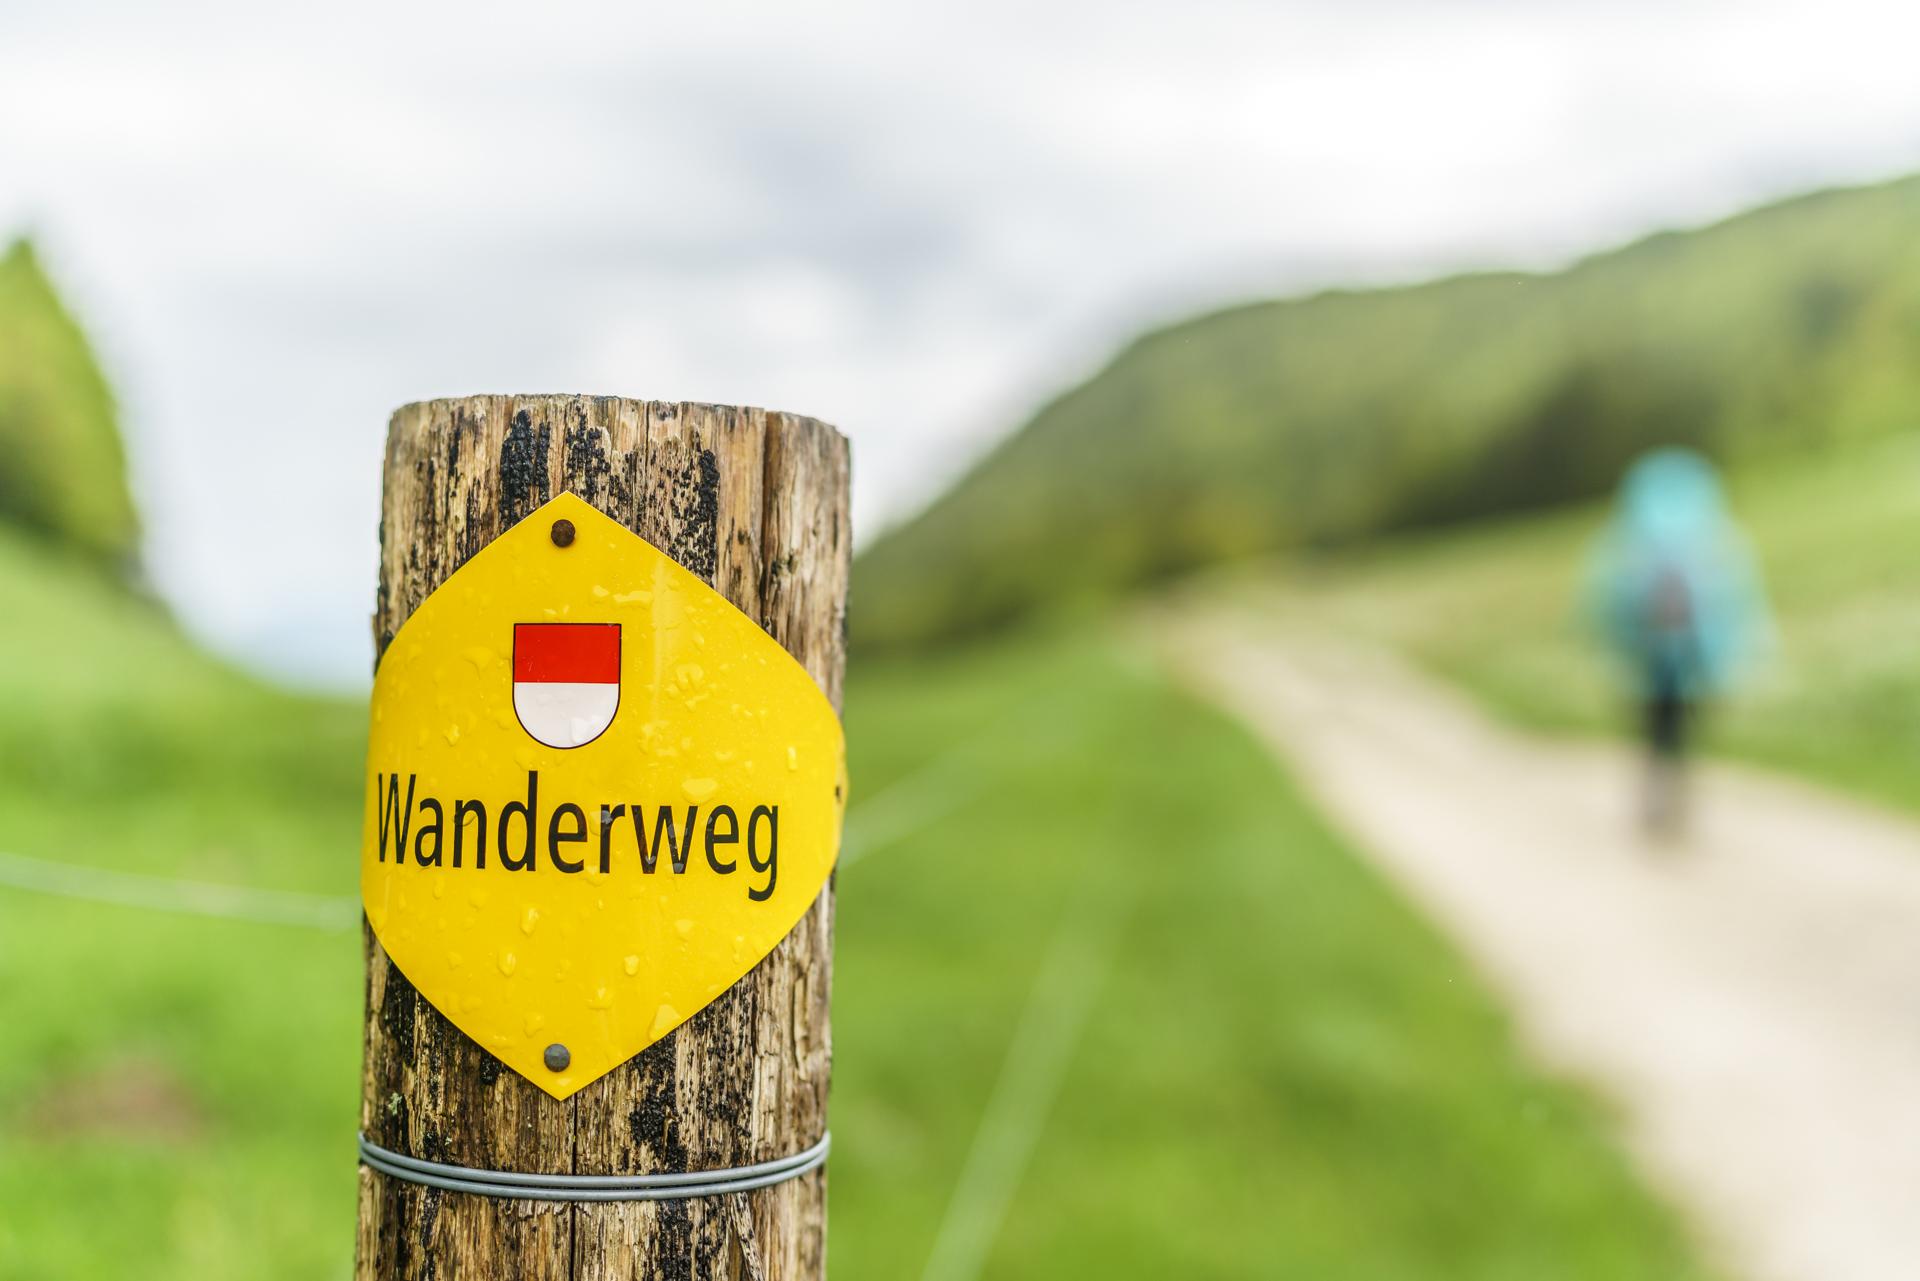 Solothurner-Wanderwege-Weissenstein